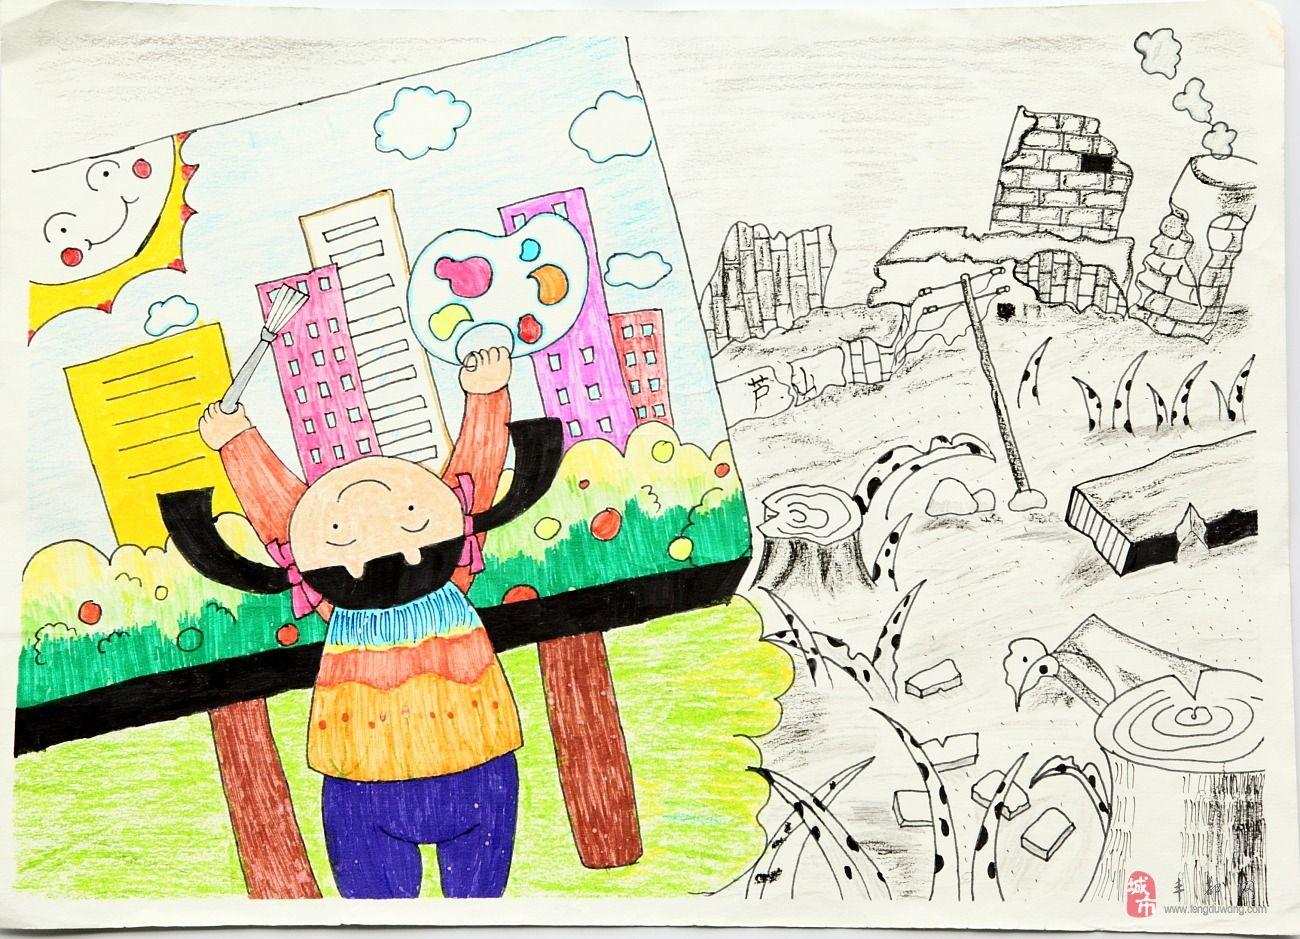 中国梦儿童绘画作品图片_中国梦儿童绘画作品图片下载